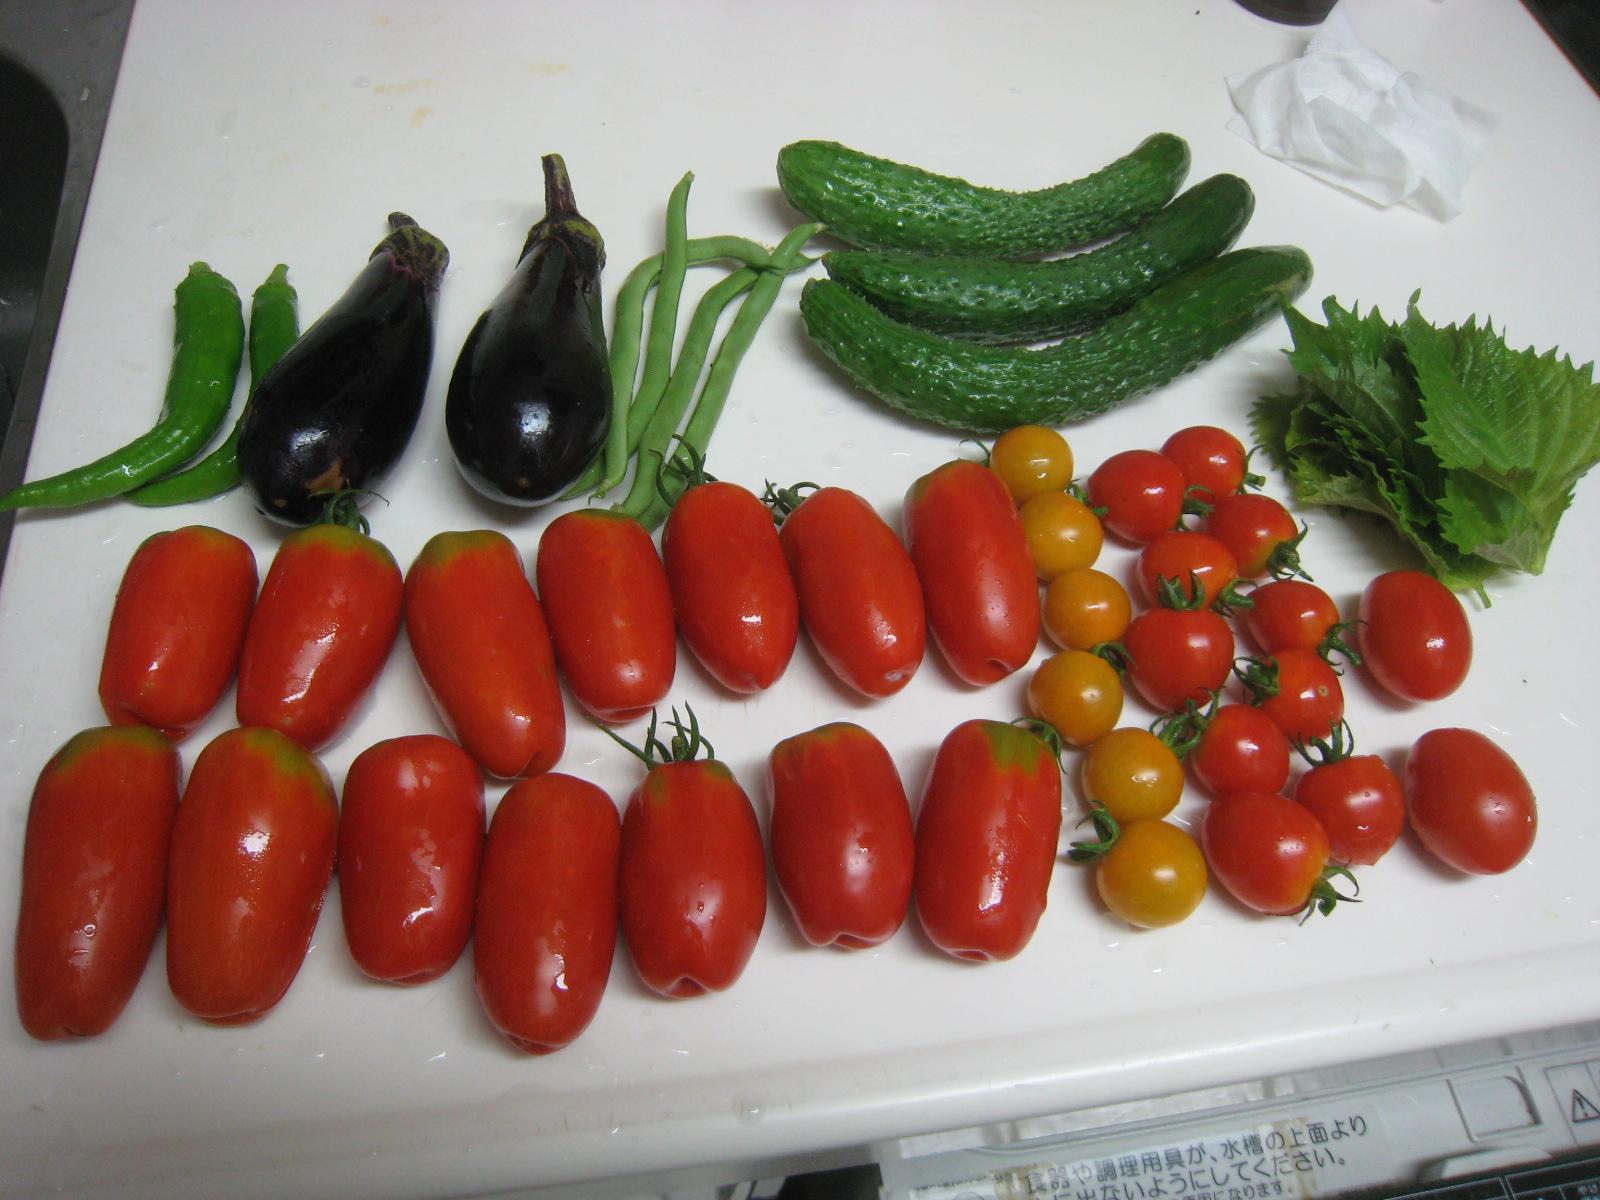 収穫物で色々と調理実習~_e0121558_23142636.jpg